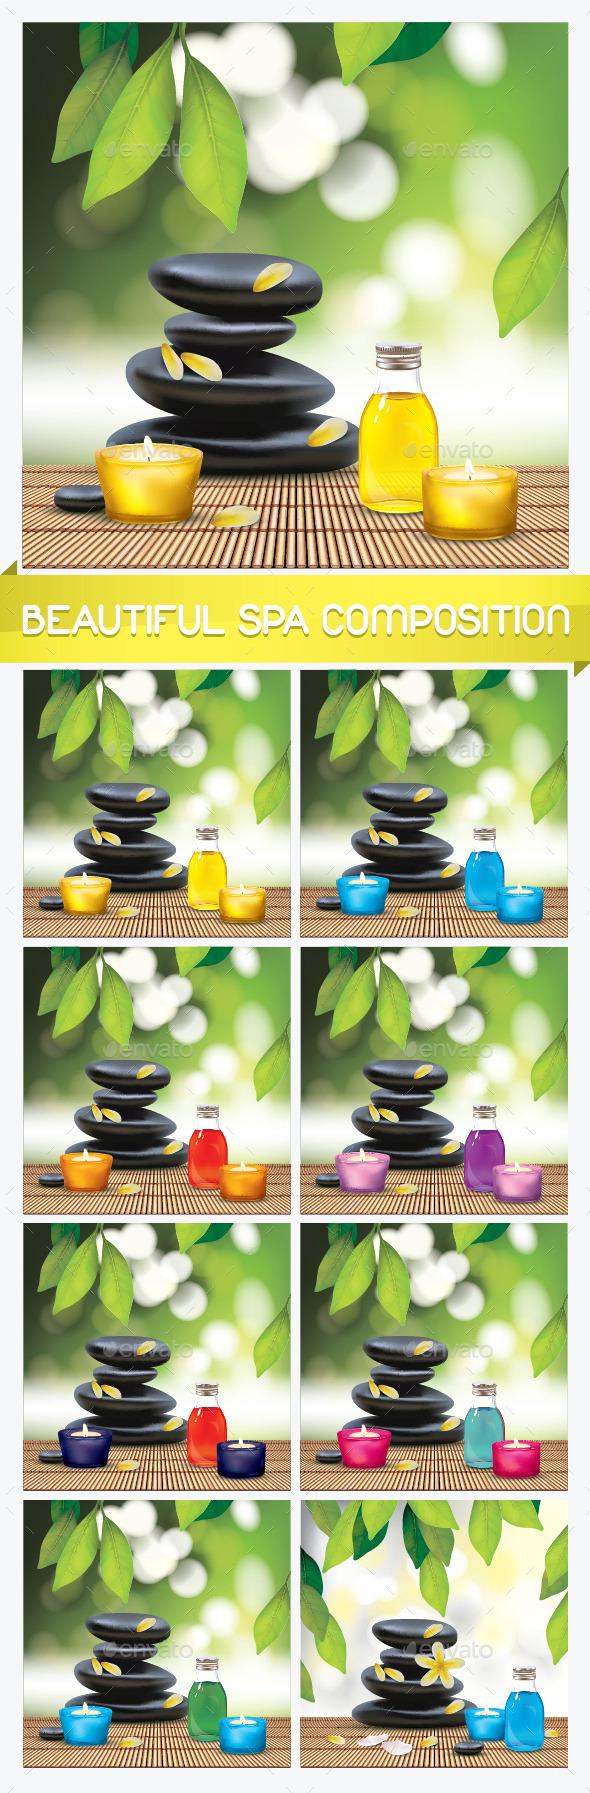 Spa Composition with Zen Stones - Miscellaneous Vectors